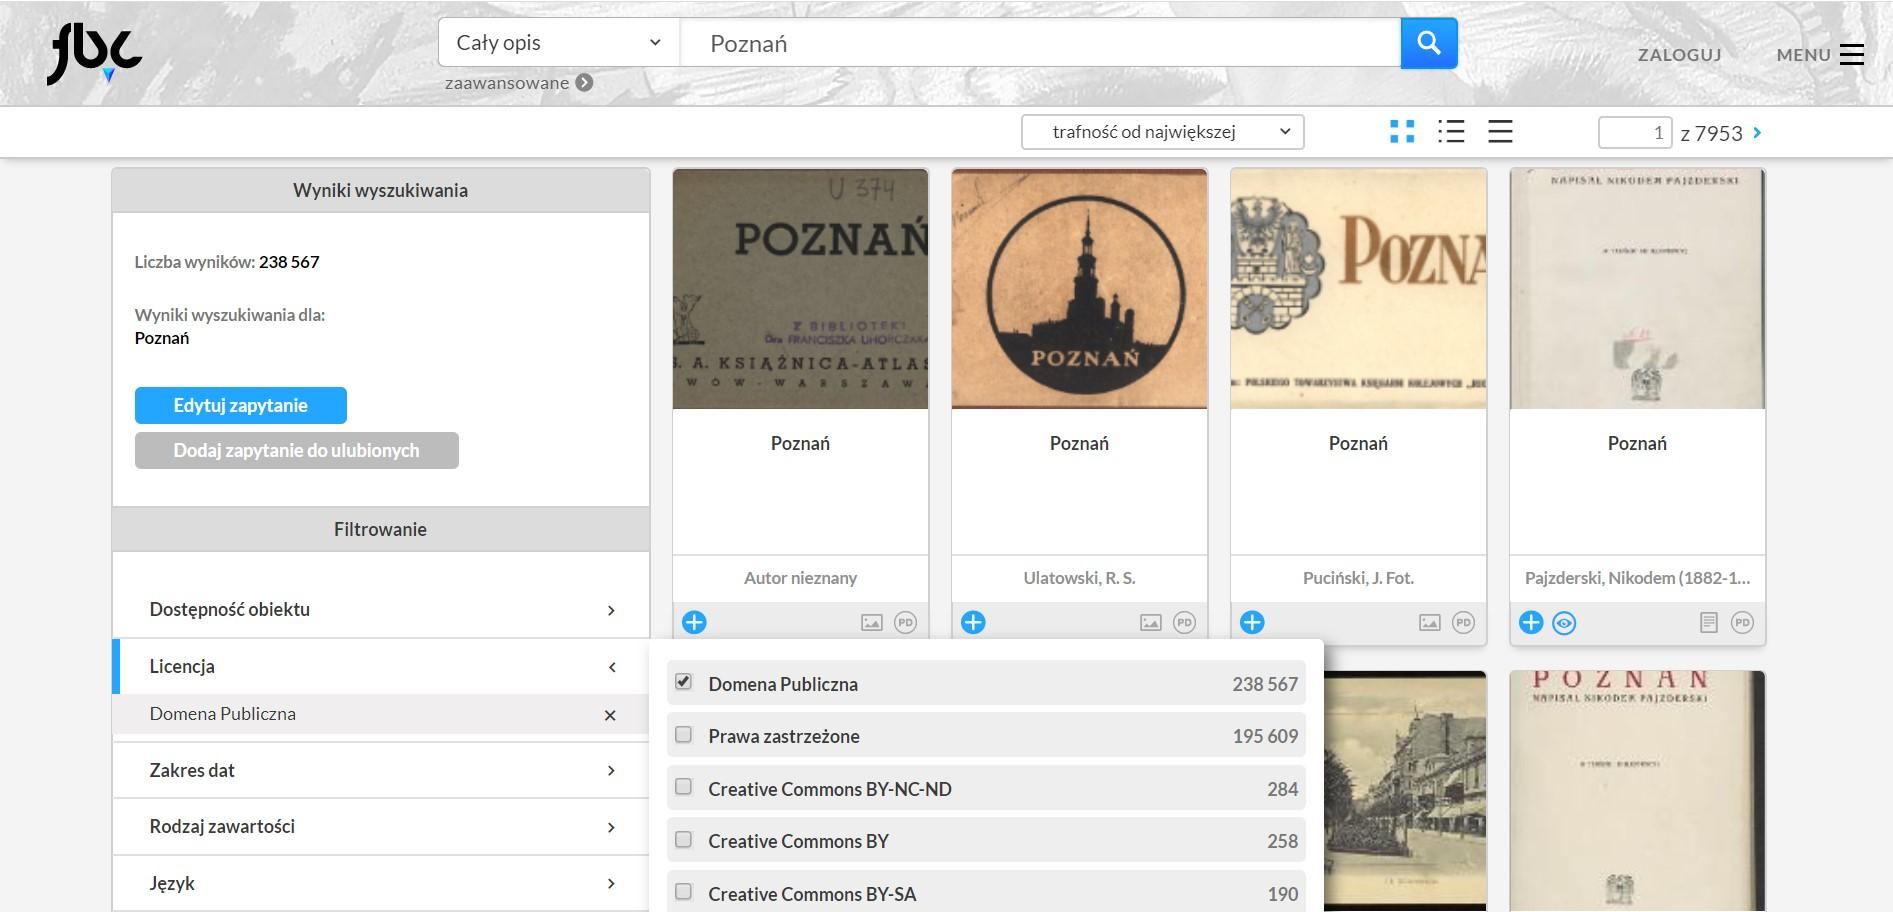 strona wyników wyszukiwania w serwisie Federacja Bibliotek Cyfrowych, gdzie pojawia się kilka archiwaliów opisanych jako Poznań